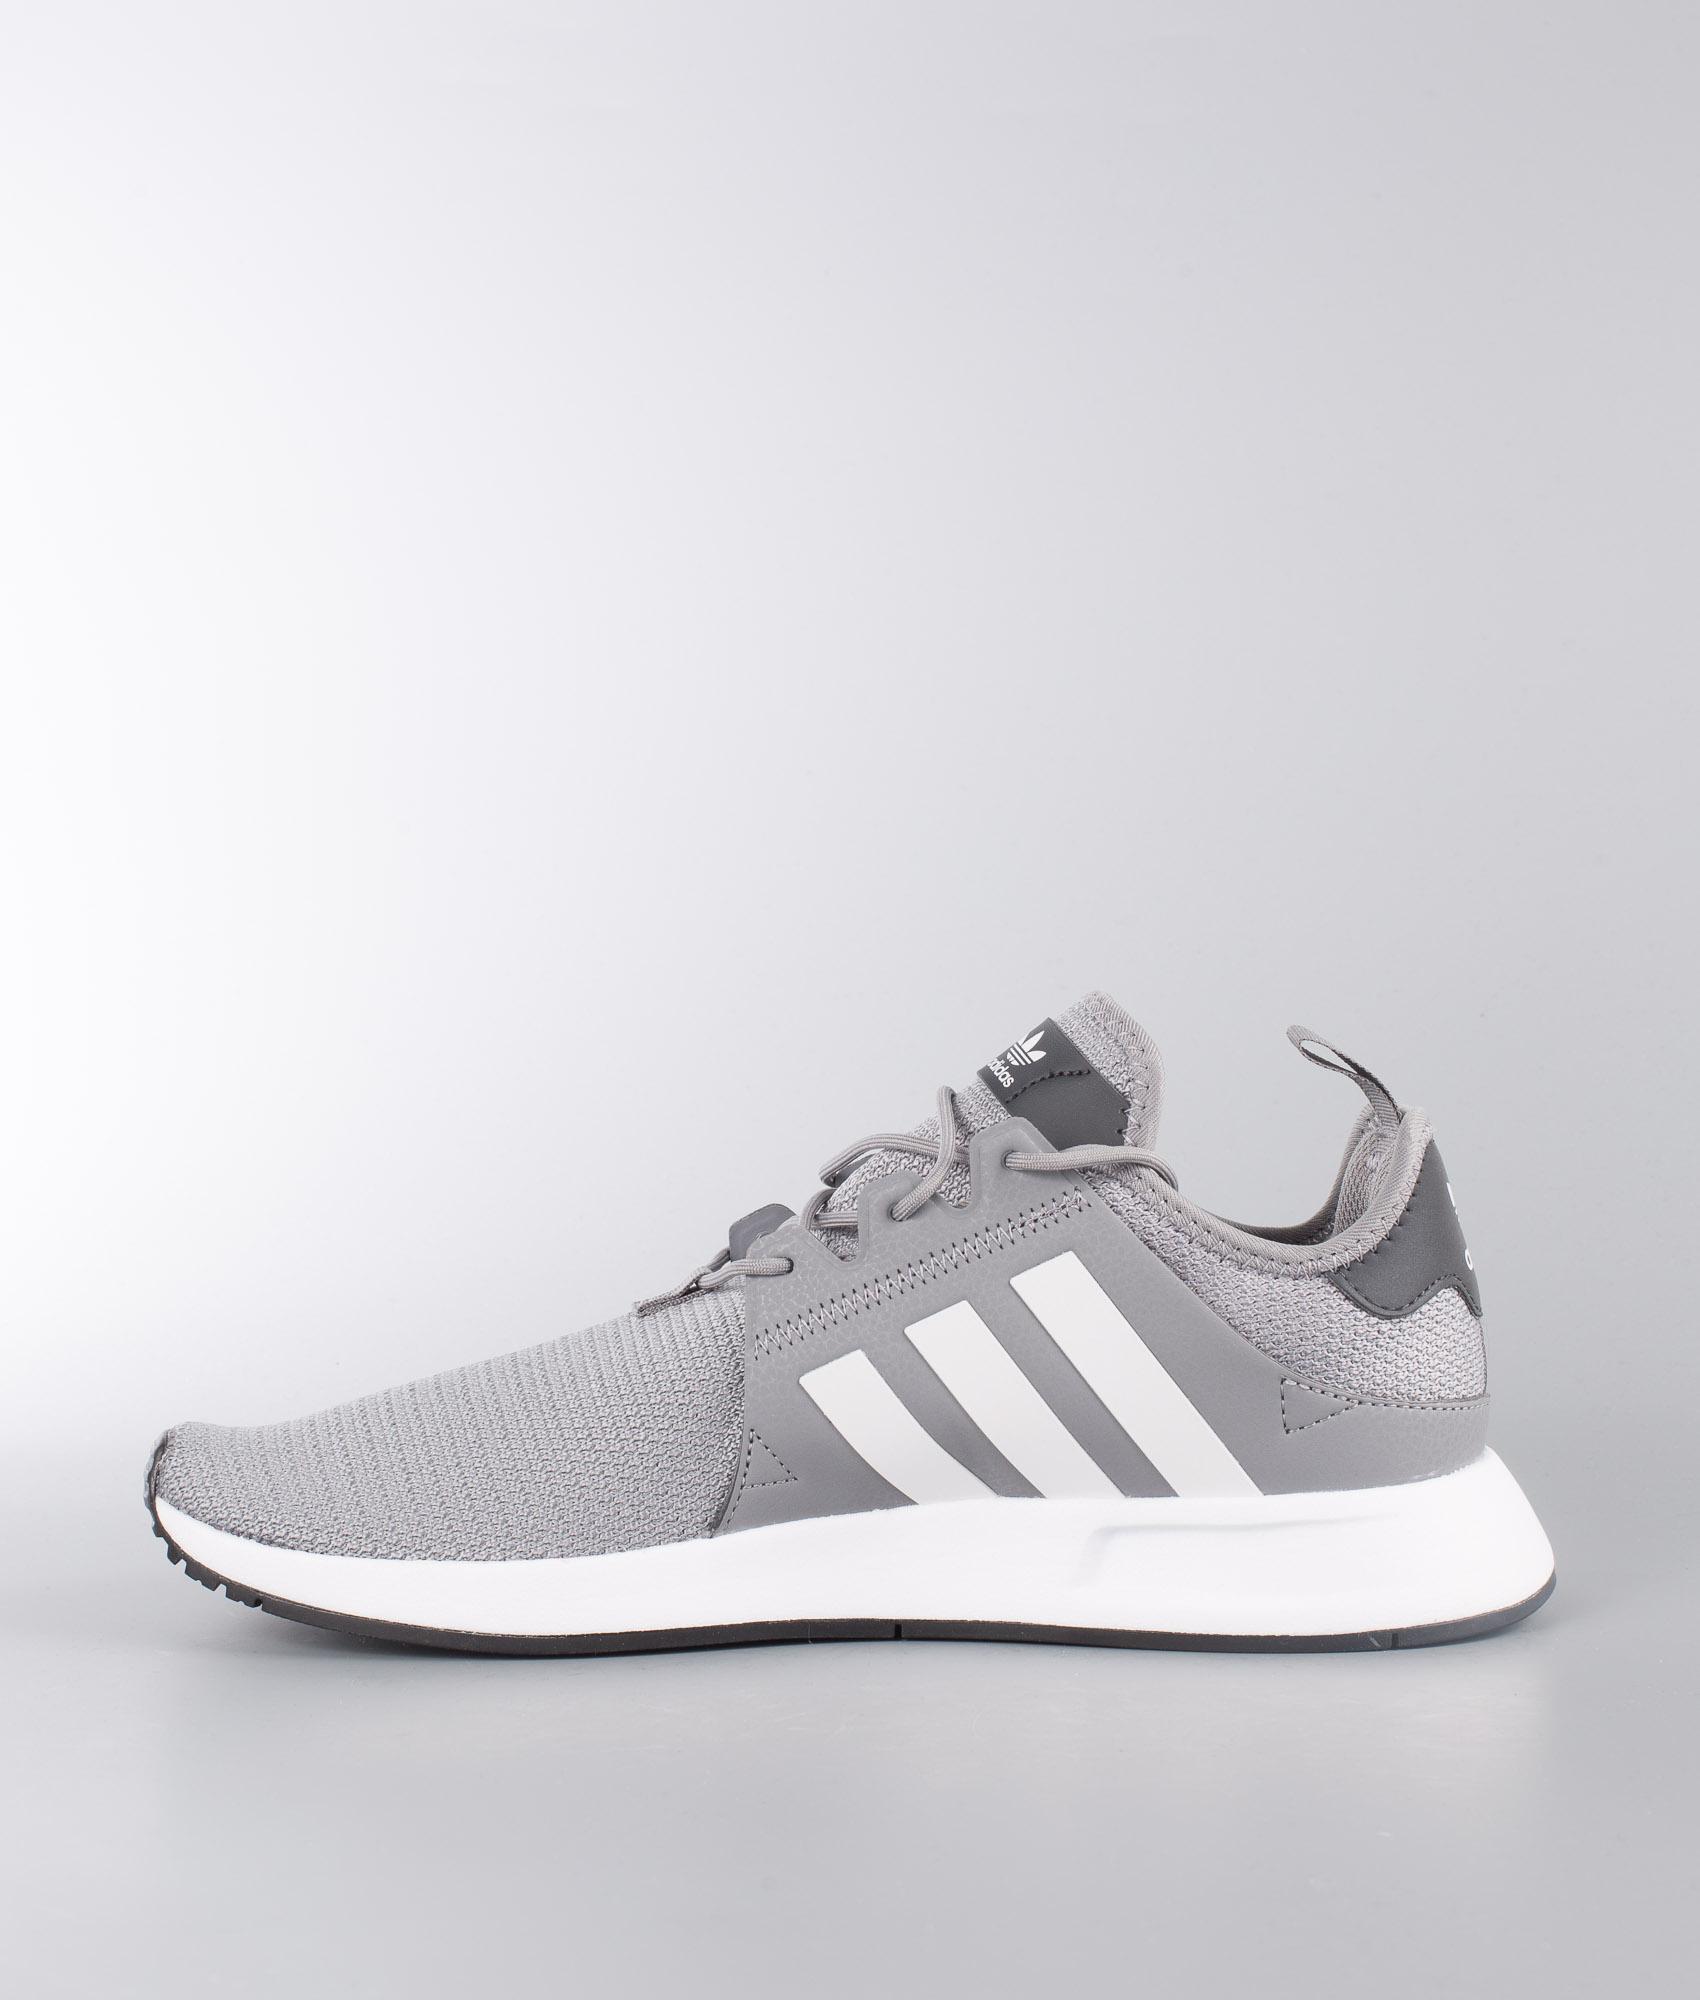 Adidas Grey OriginalsX Chez plr Chaussures De Threefootwear T1cKlFJ3